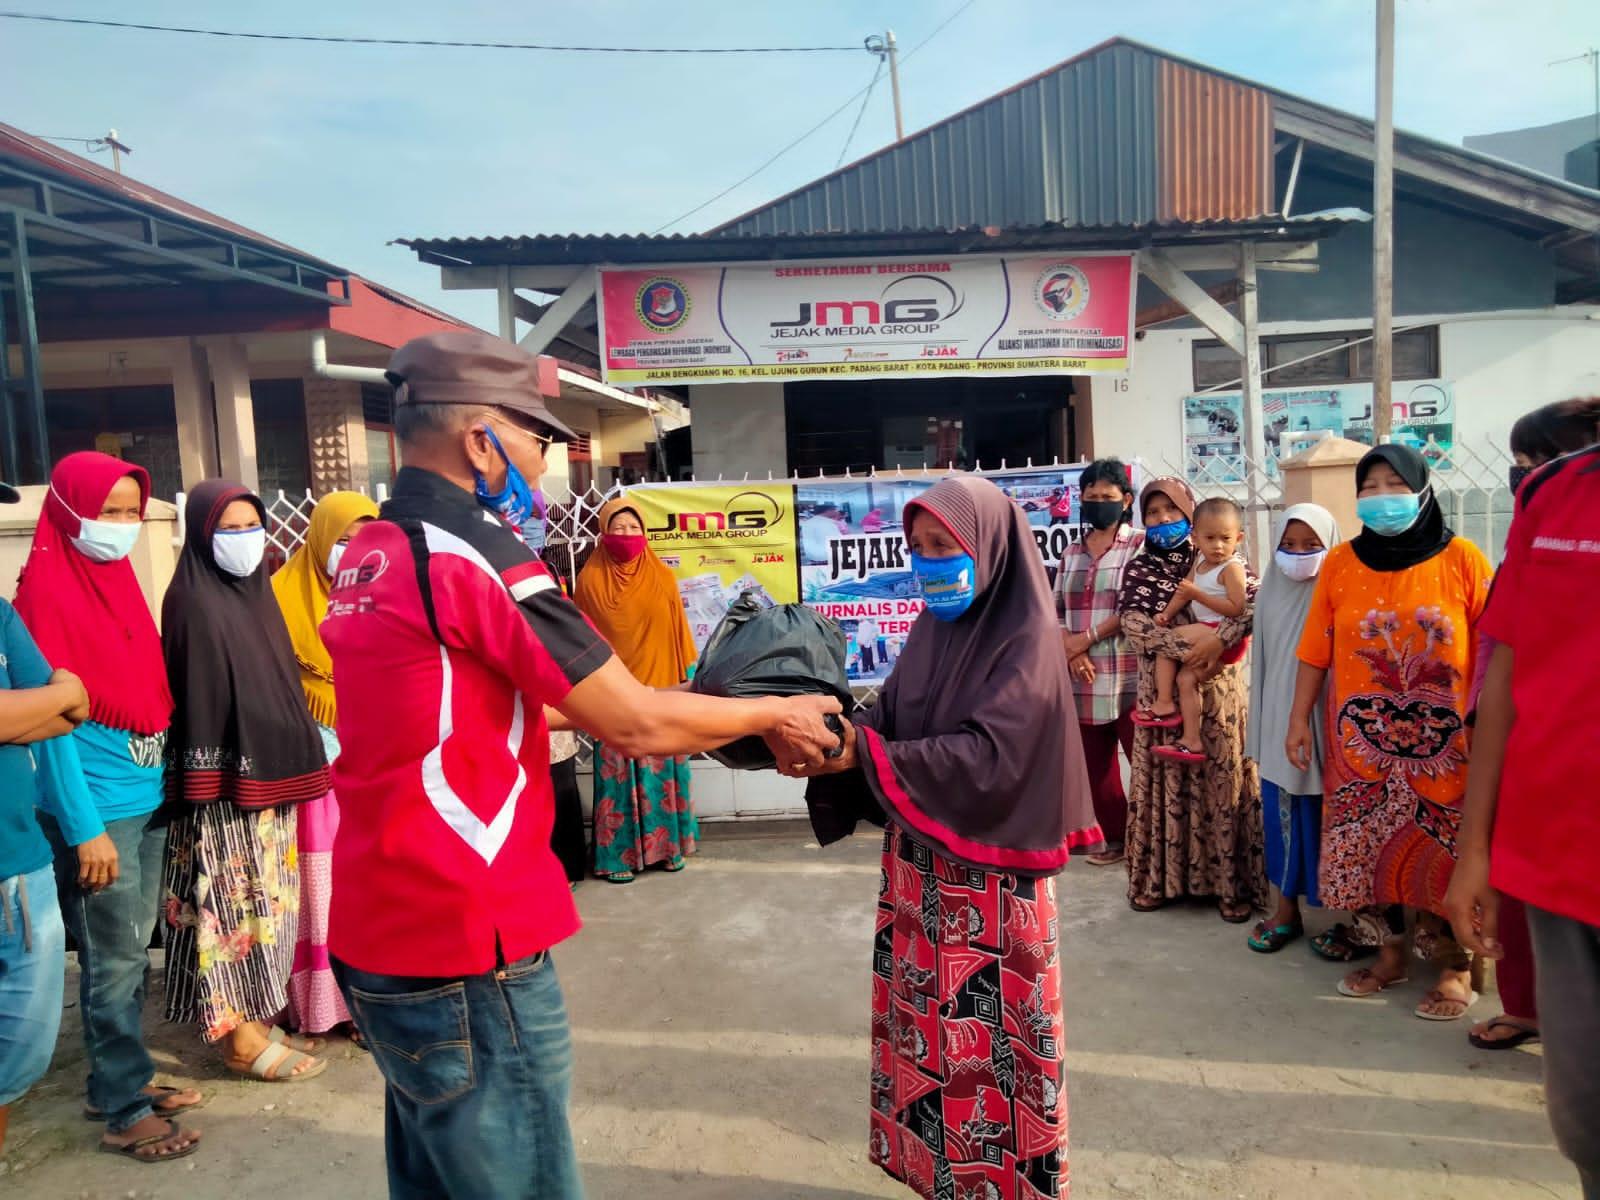 Gambar Ditengah Badai, JMG Tetap Peduli Masyarakat terdampak Covid-19 11